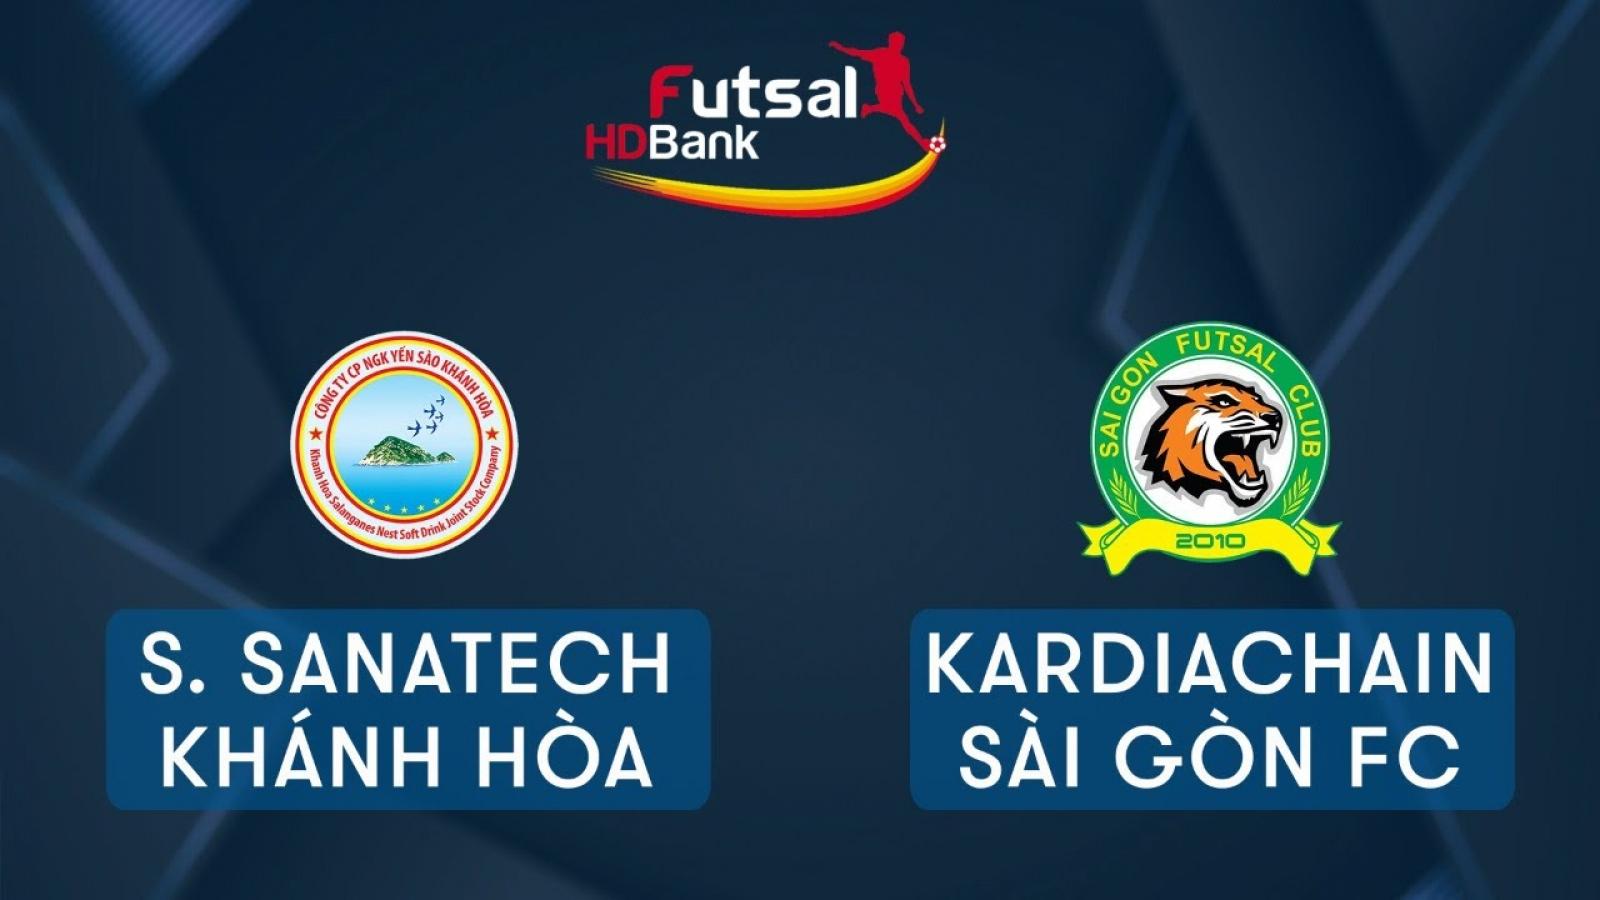 TRỰC TIẾP Savinest Sanatech Khánh Hòa vs Kardiachain Sài Gòn Giải Futsal HDBank 2020